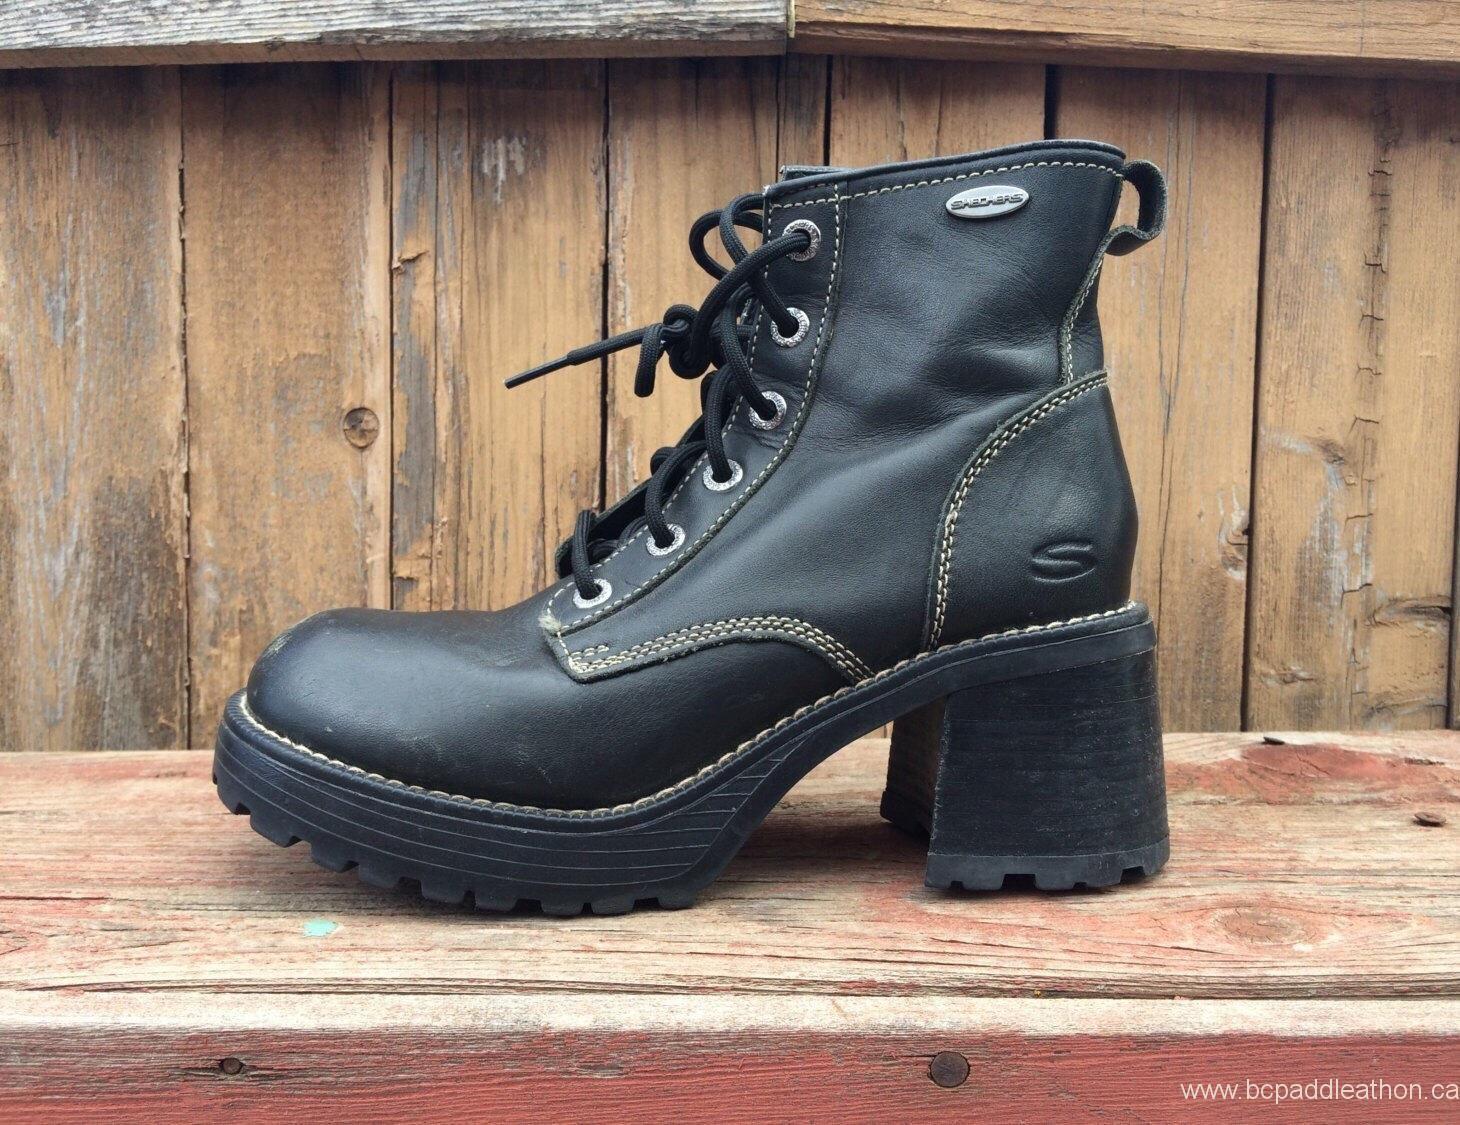 BANKRUPT PALLET LADIES SHOES BOOTS TRAINERS WHOLESALE ... |1990s Womens Boots